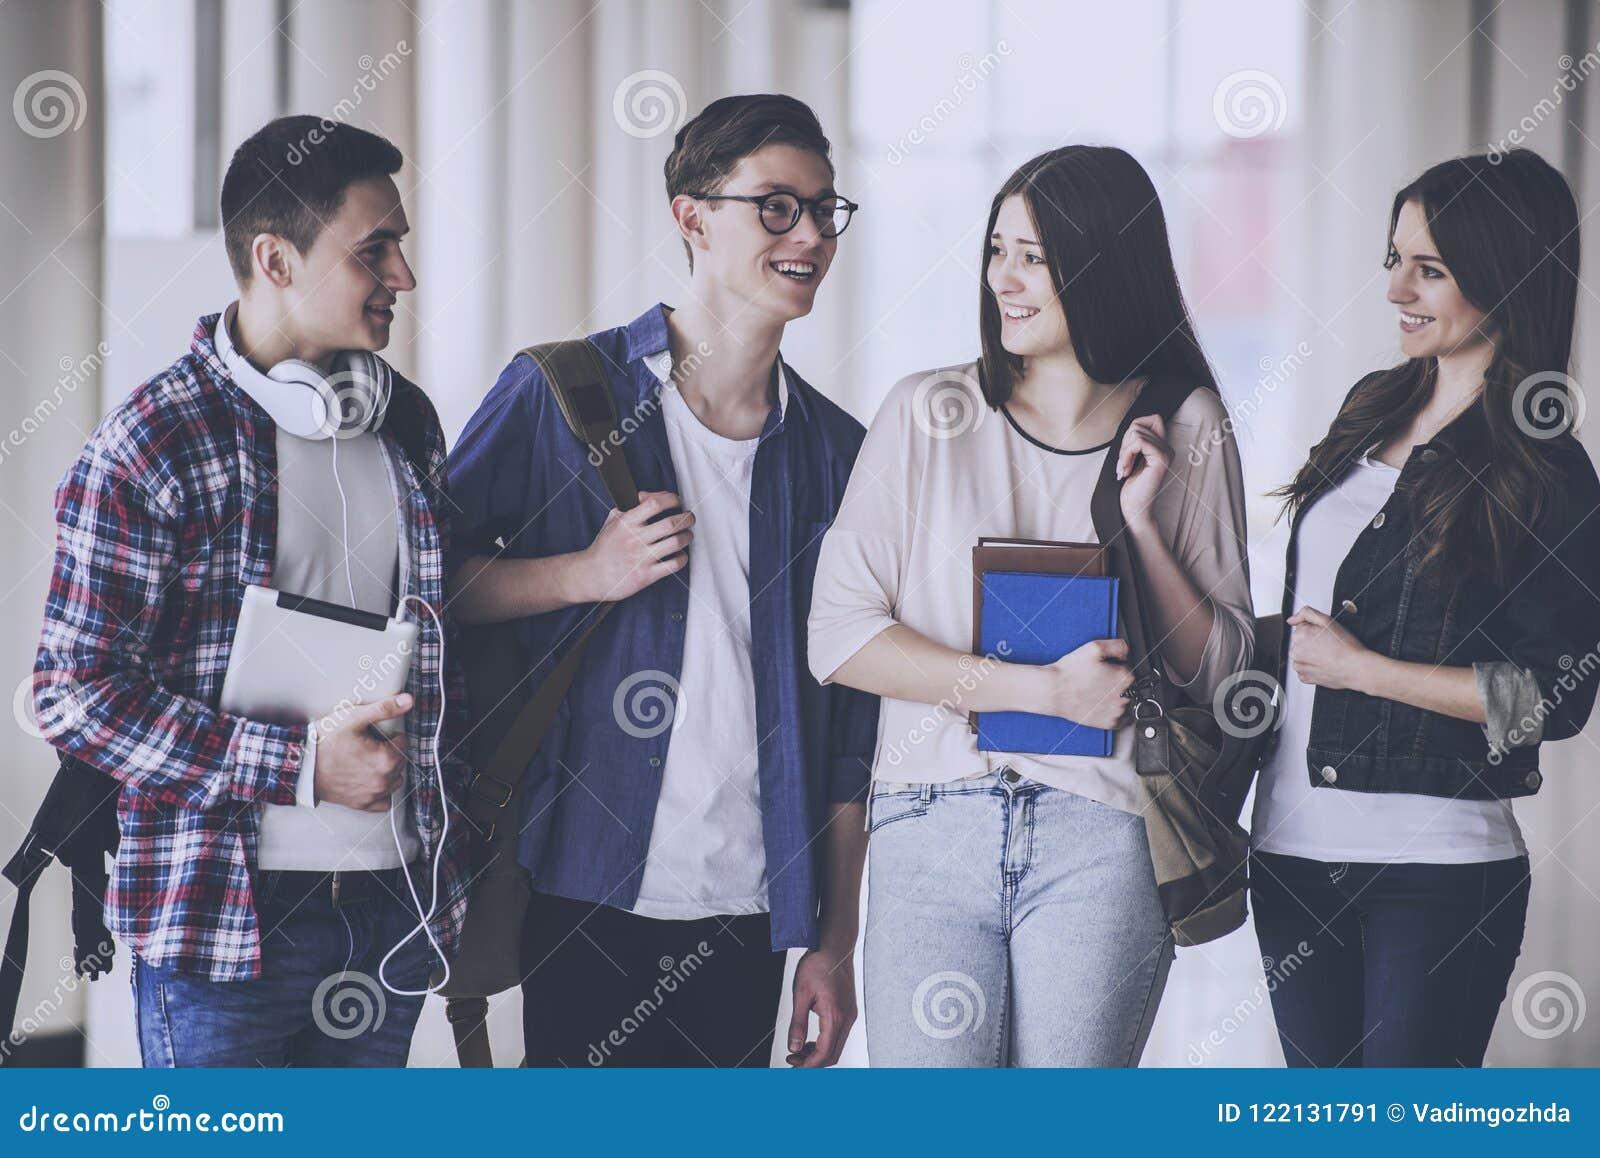 Οι ευτυχείς νέοι σπουδαστές μιλούν στην αίθουσα